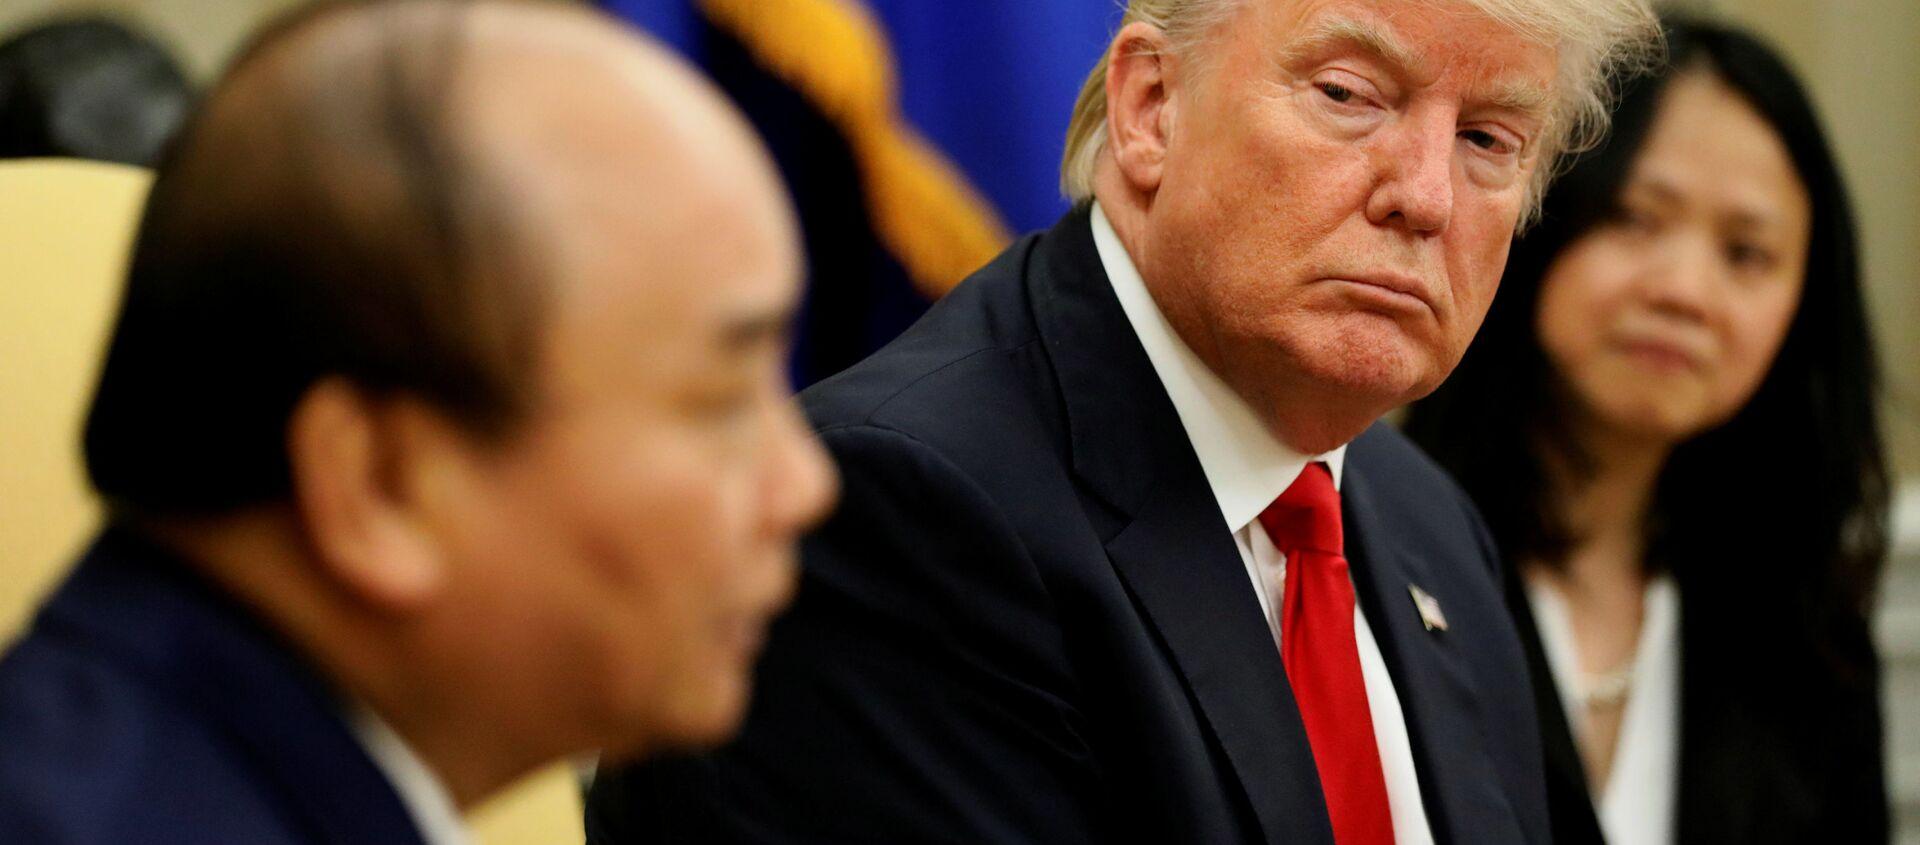 Tổng thống Mỹ Donald Trump và Thủ tướng Nguyễn Xuân Phúc tại Washington - Sputnik Việt Nam, 1920, 15.07.2019